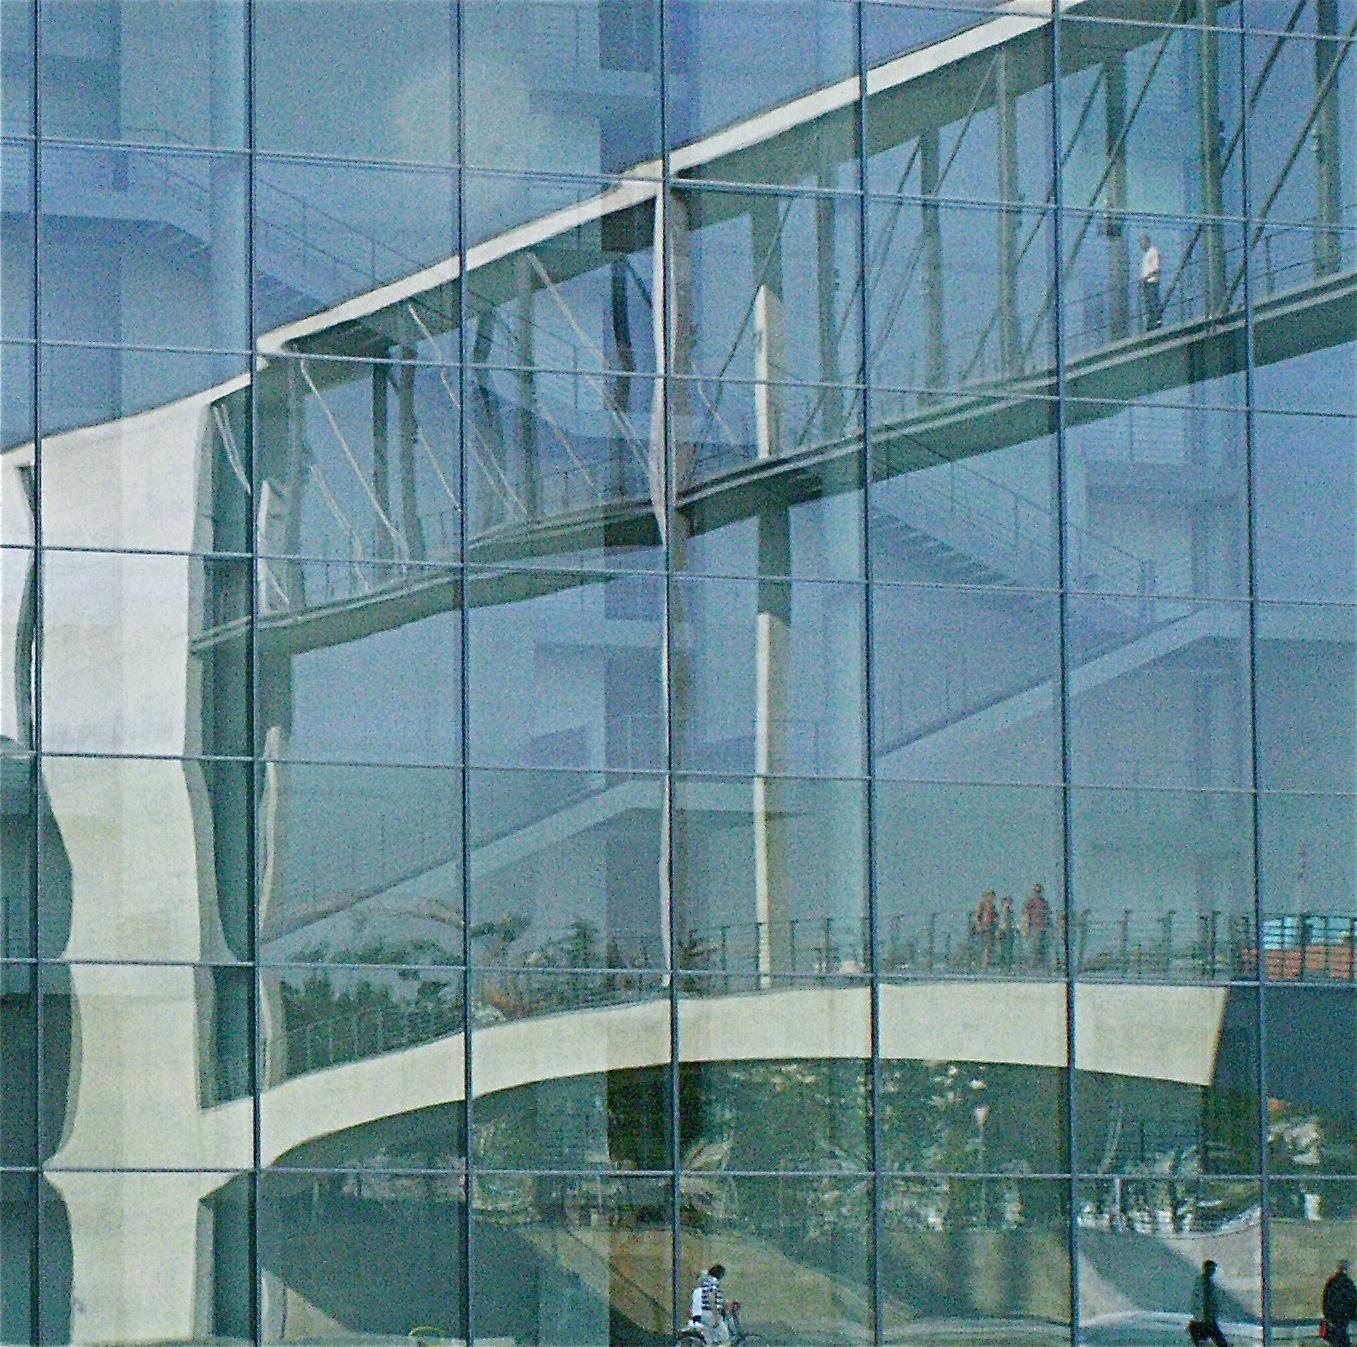 Regierungsviertel, Foto: B. Steinmetz, Visuell pur · Grafikdesign Webdesign